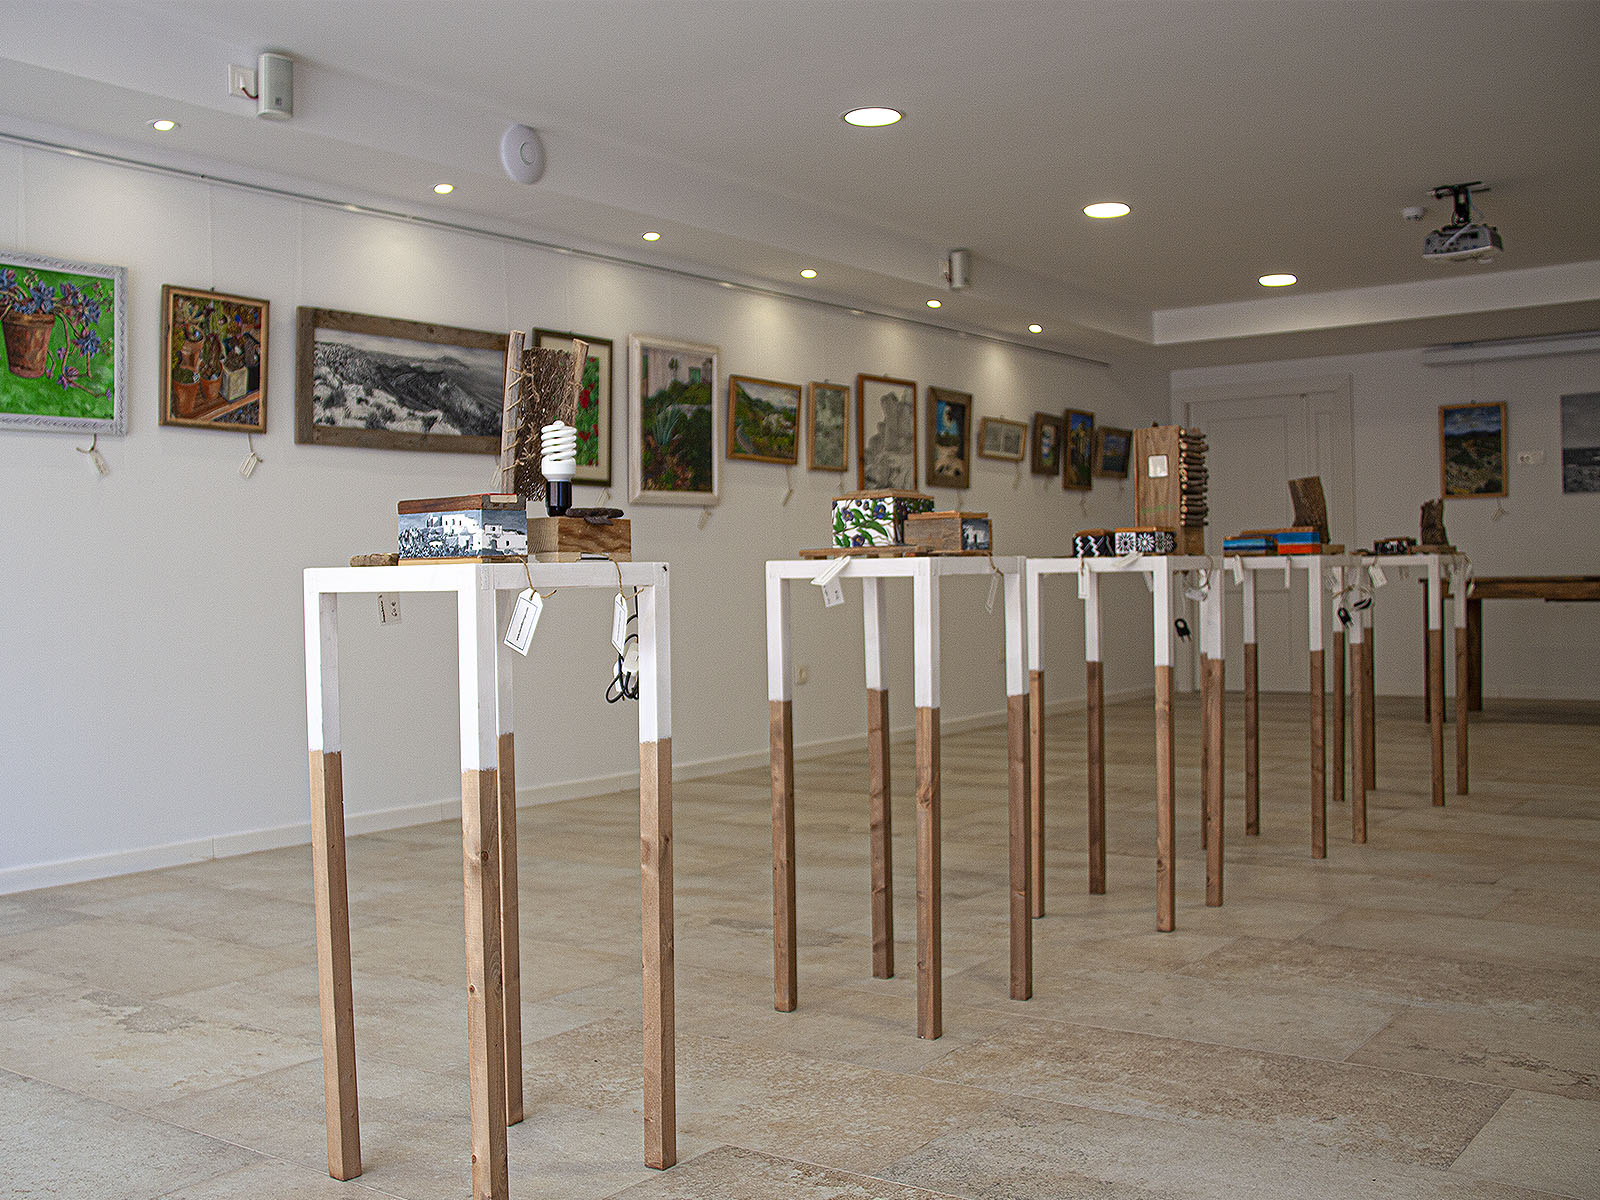 Exposición en Galería de arte de pinturas, dibujos y madera reciclada en la Galería de Aguamarga, Almería, 2018